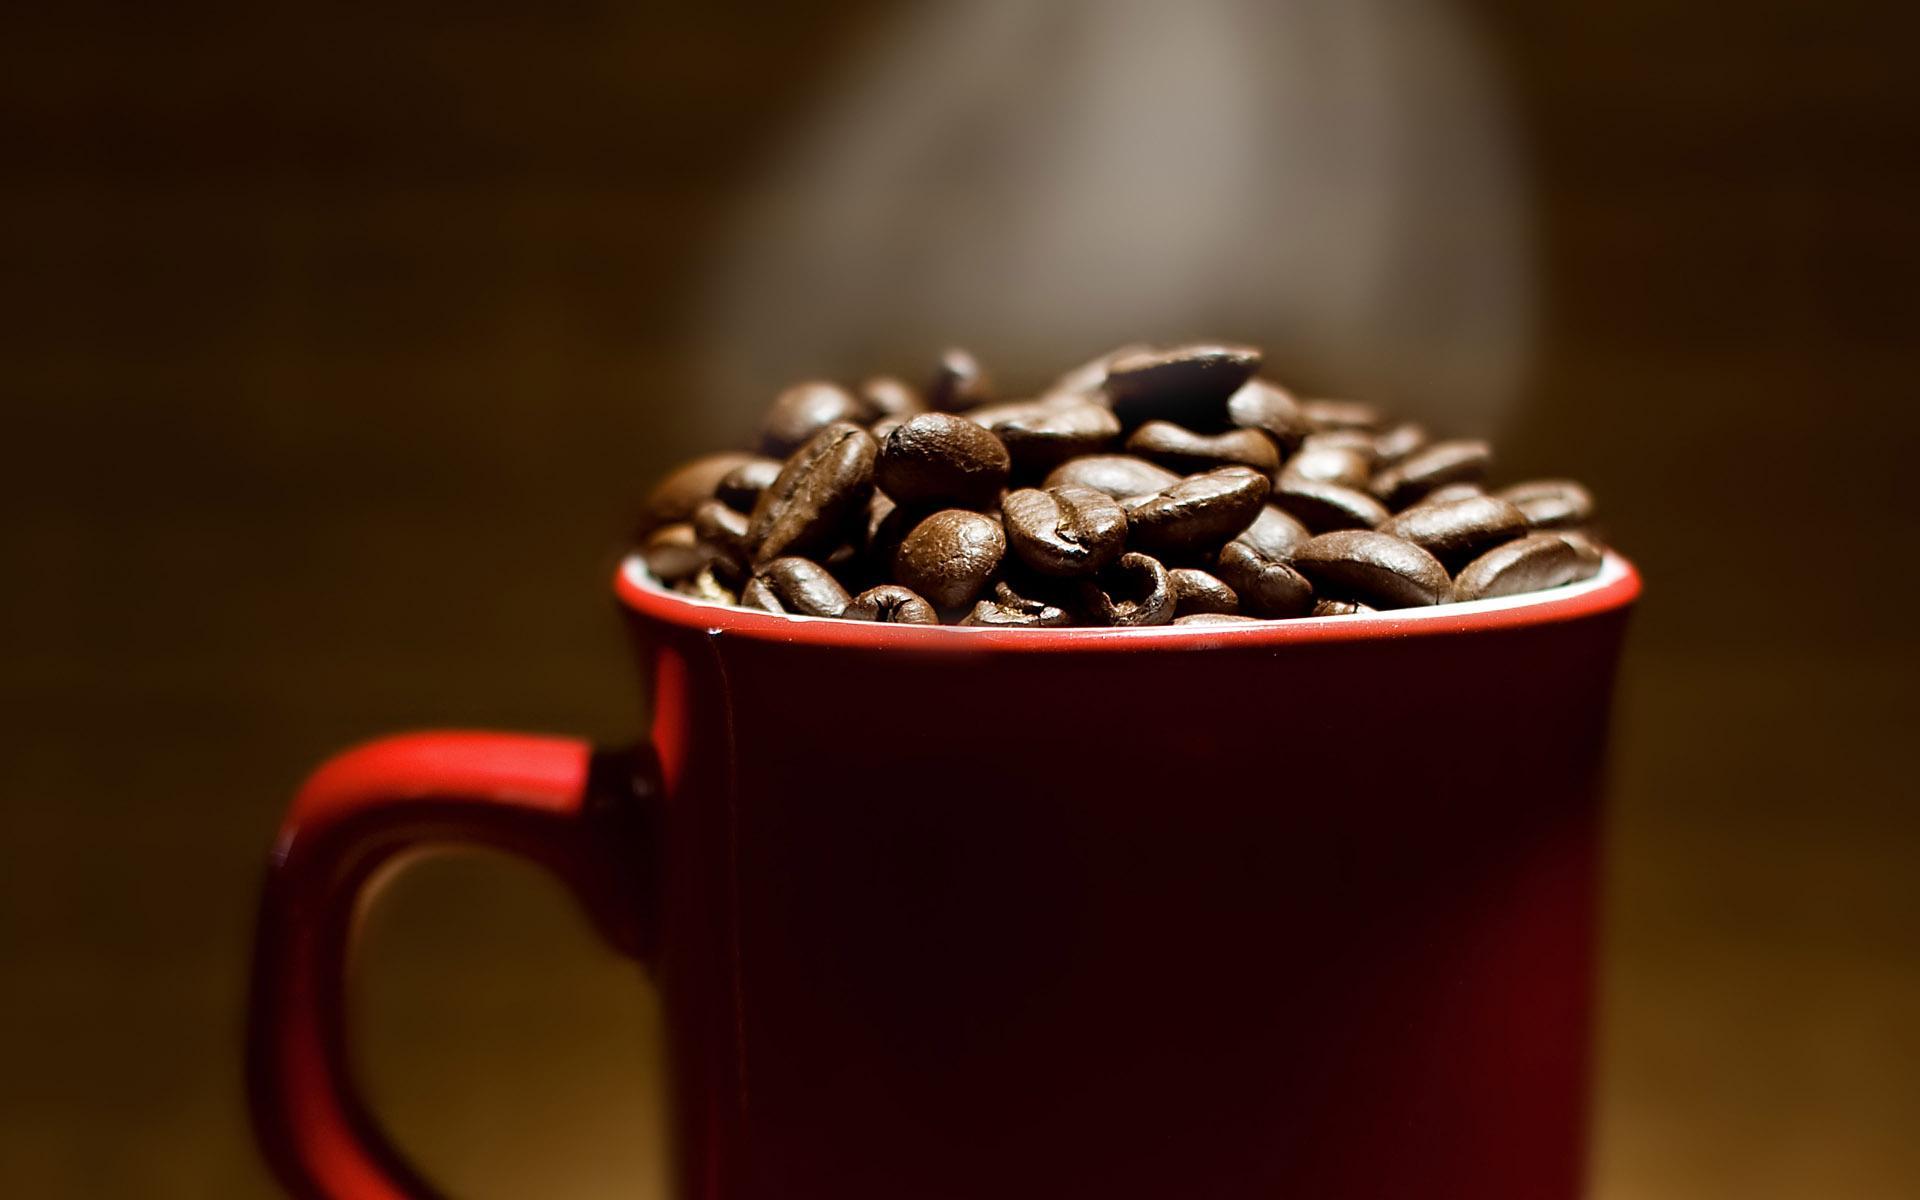 кофейные зерна в красной кружке, скачать фото. обои для рабочего стола